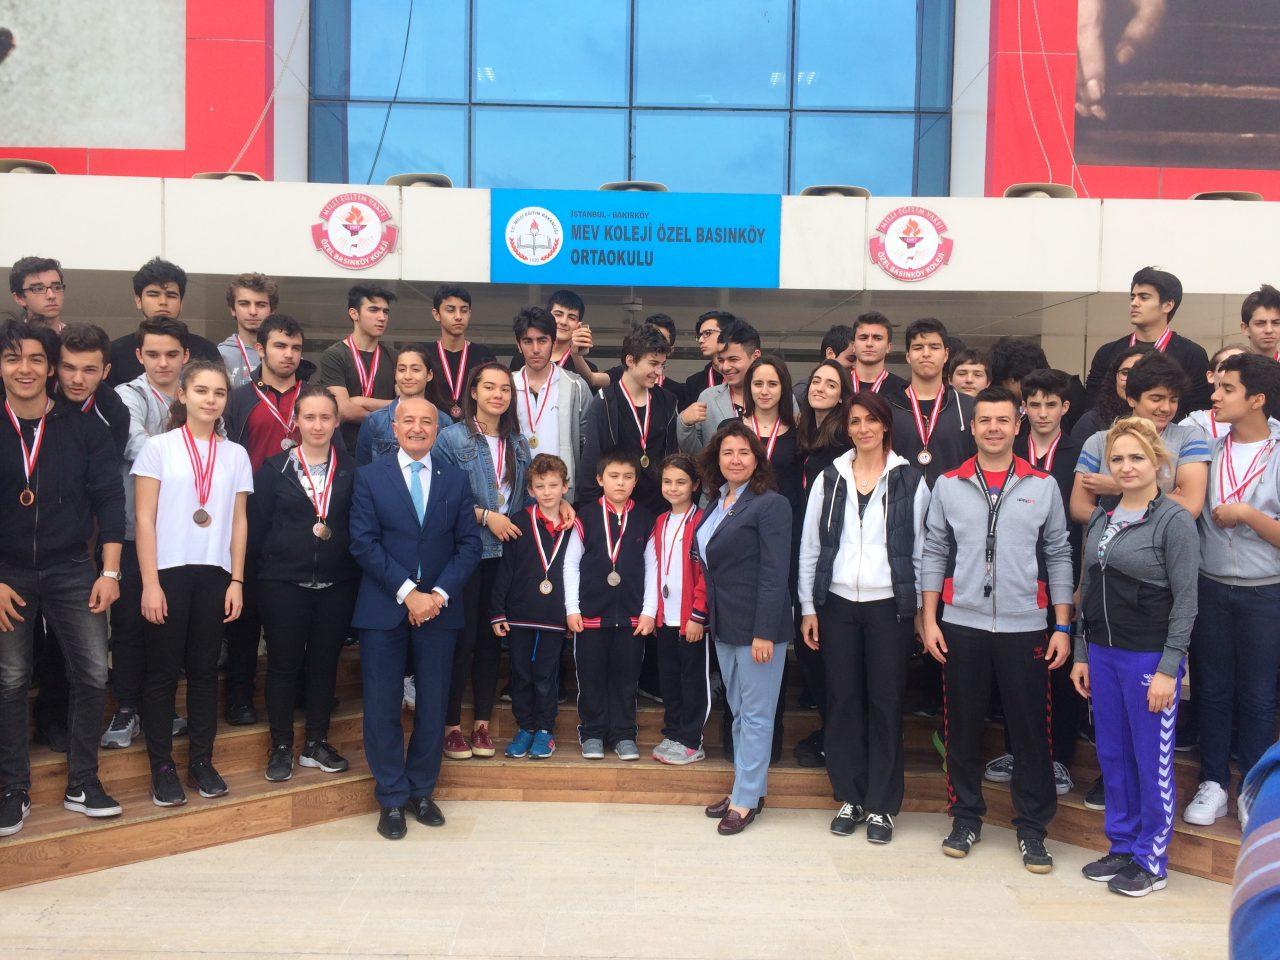 19 Mayıs Atatürk'ü Anma Gençlik ve Spor Bayramı Kutlamalarımız Bahçe Töreniyle Başladı